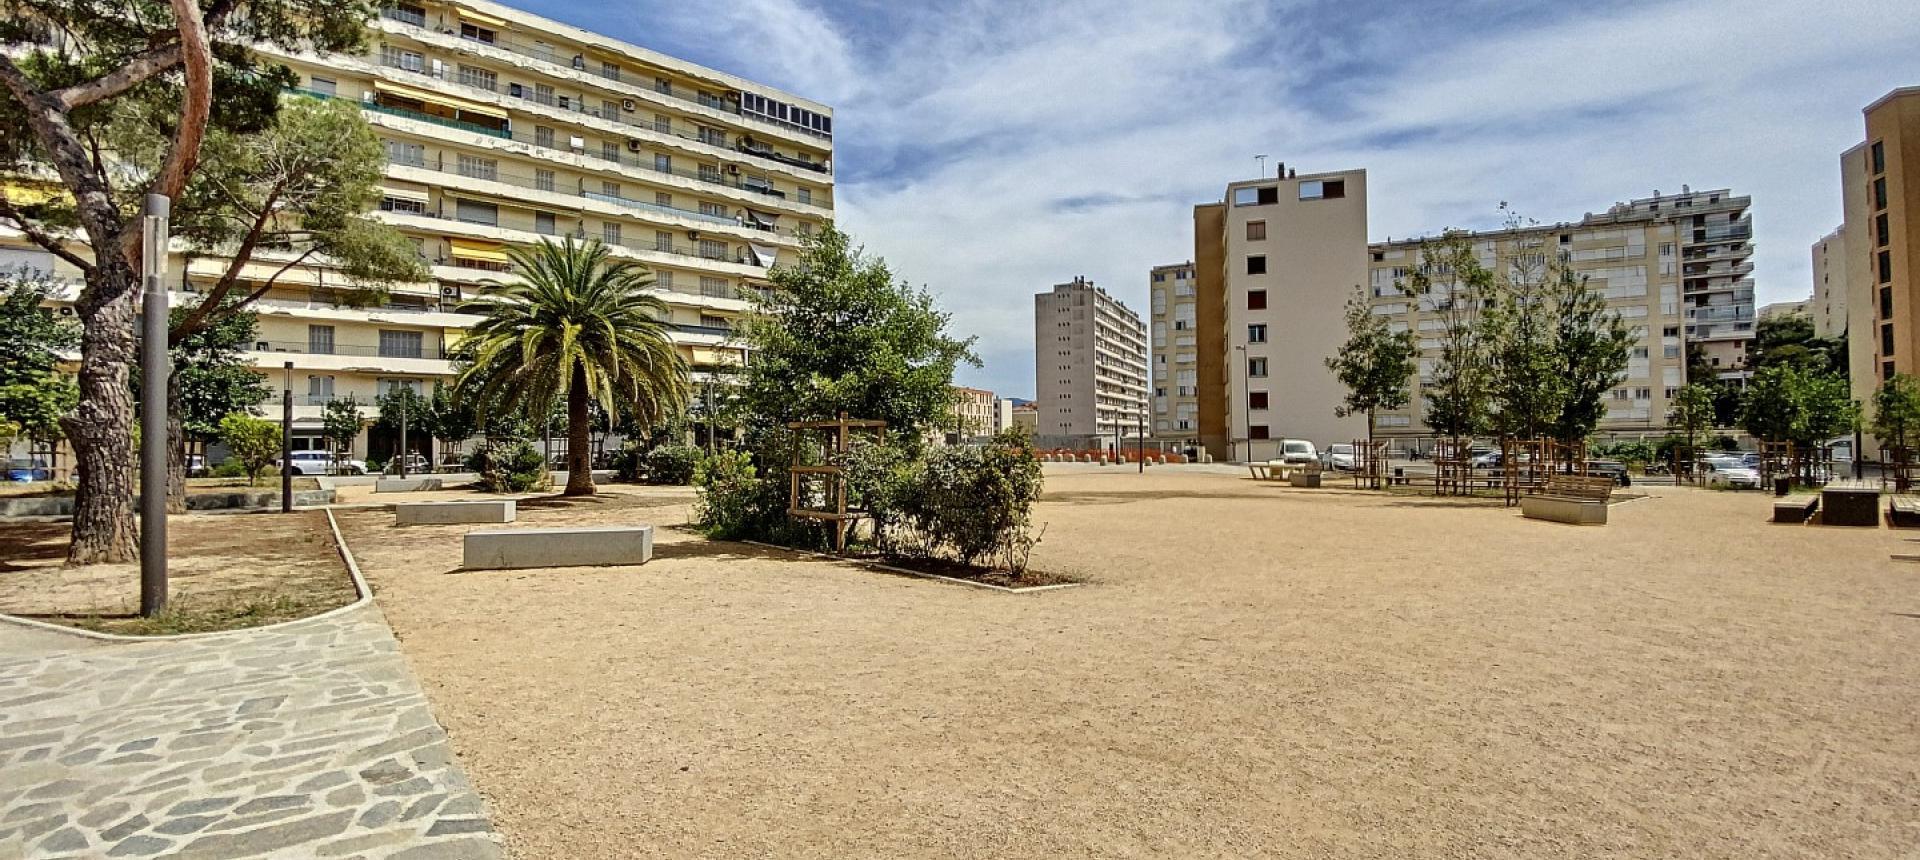 A vendre appartement F3 proche centre-ville - Vue extérieur 3